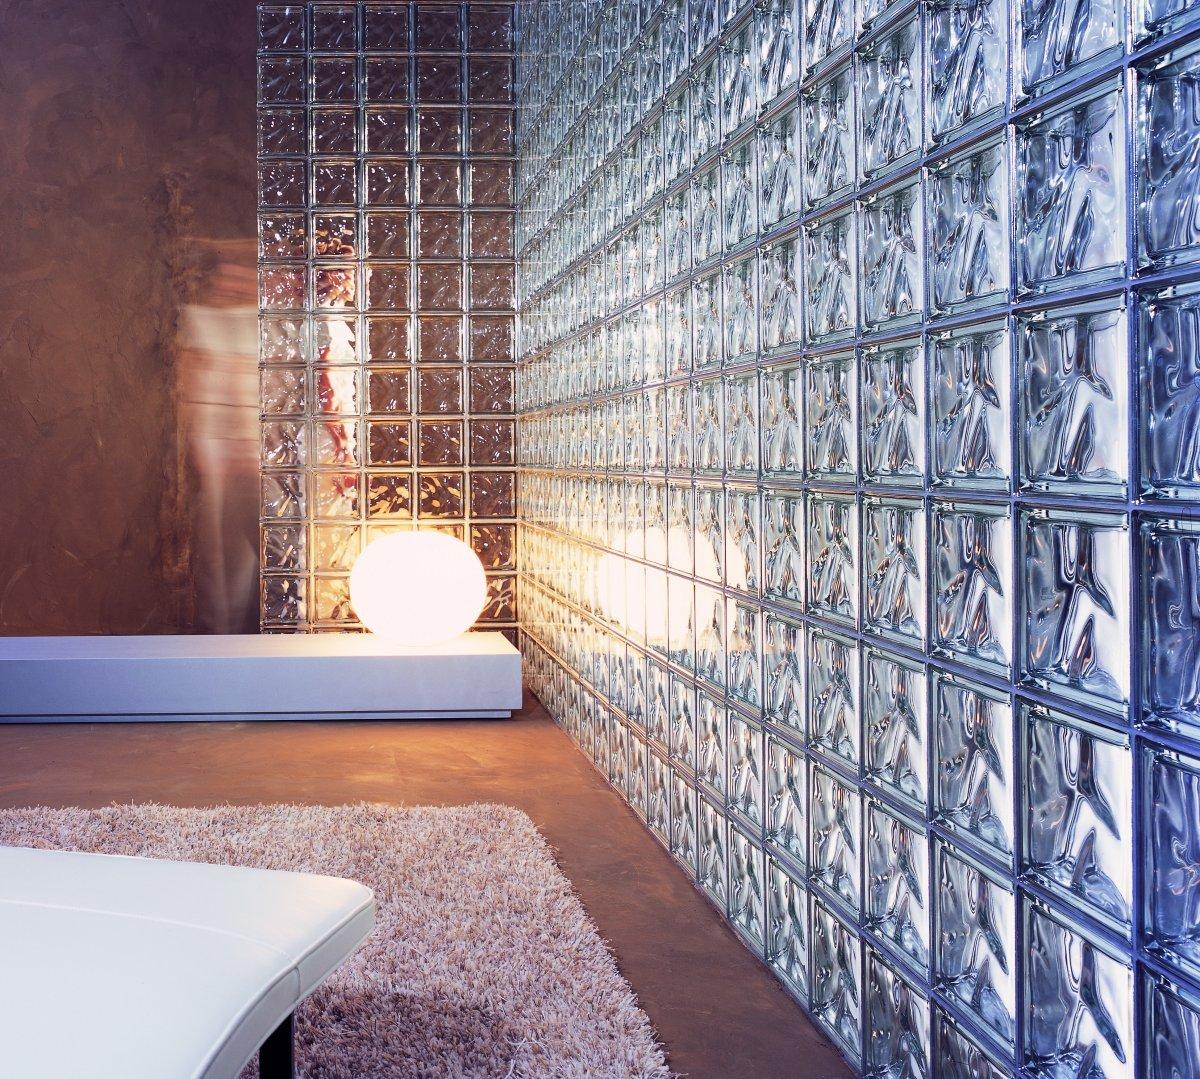 Bloques de vidrio replysa - Bloques de cristal ...